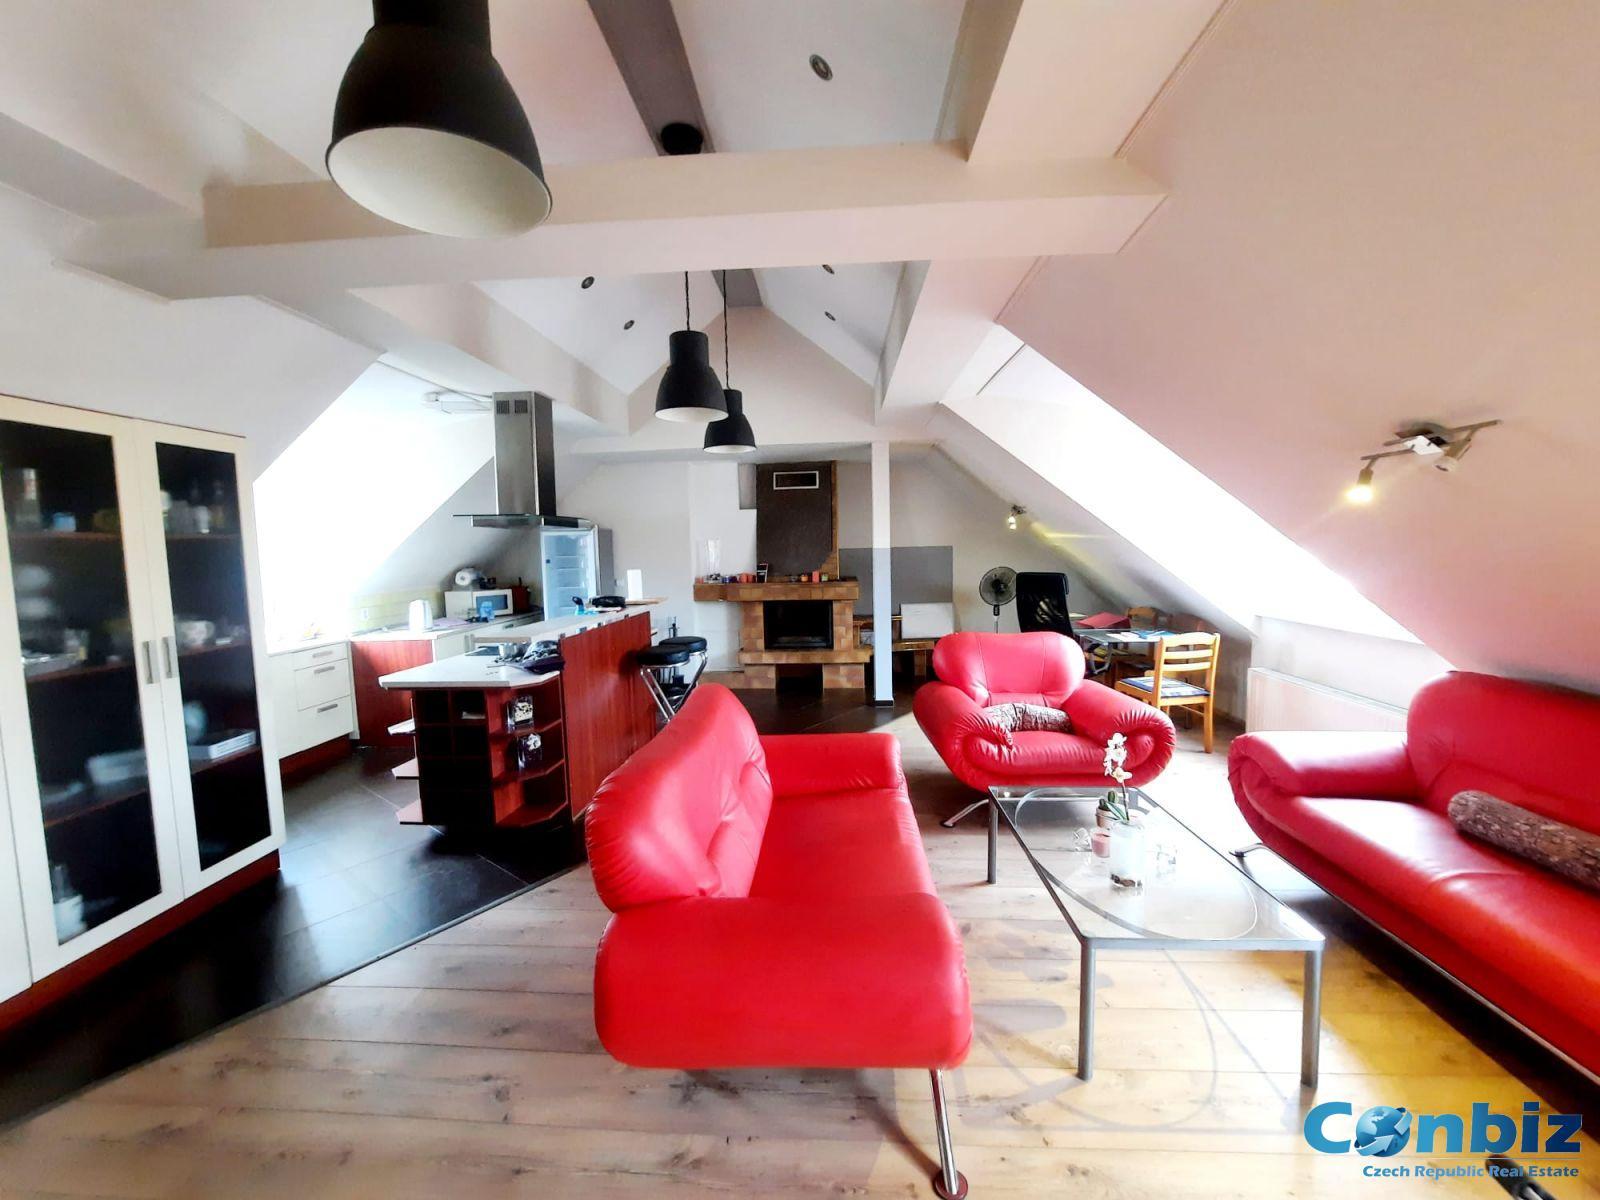 Pronájem podkrovního bytu 3kk, 125 m2, Podolská 25, Praha-Podolí